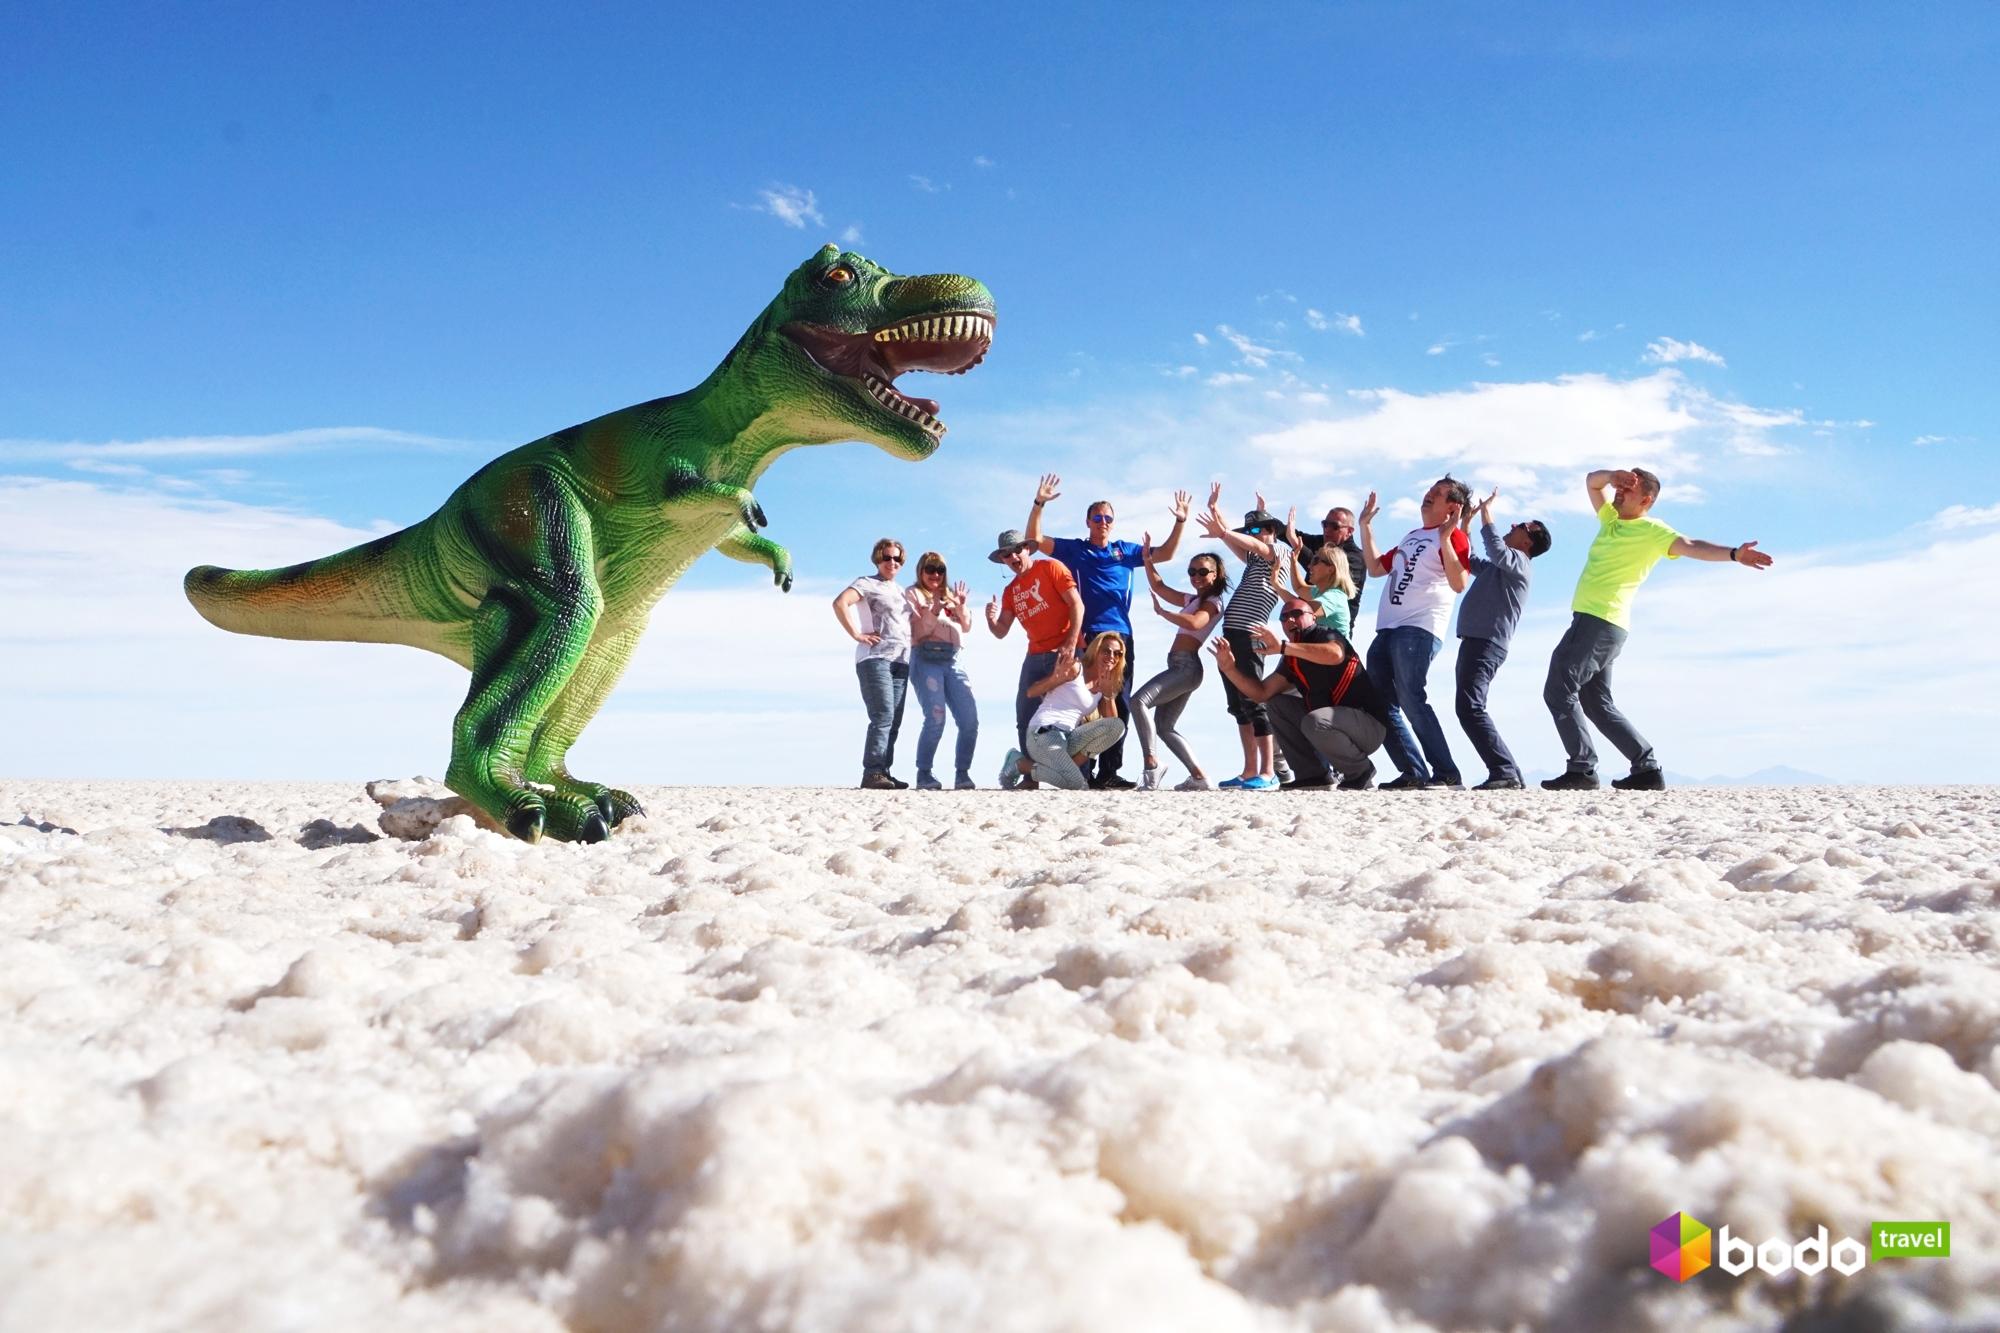 Что делать в Перу и Боливии: подъем в облака, плавучие острова и морские свинки на обед Что делать в Перу и Боливии: подъем в облака, плавучие острова и морские свинки на обед Foto 7